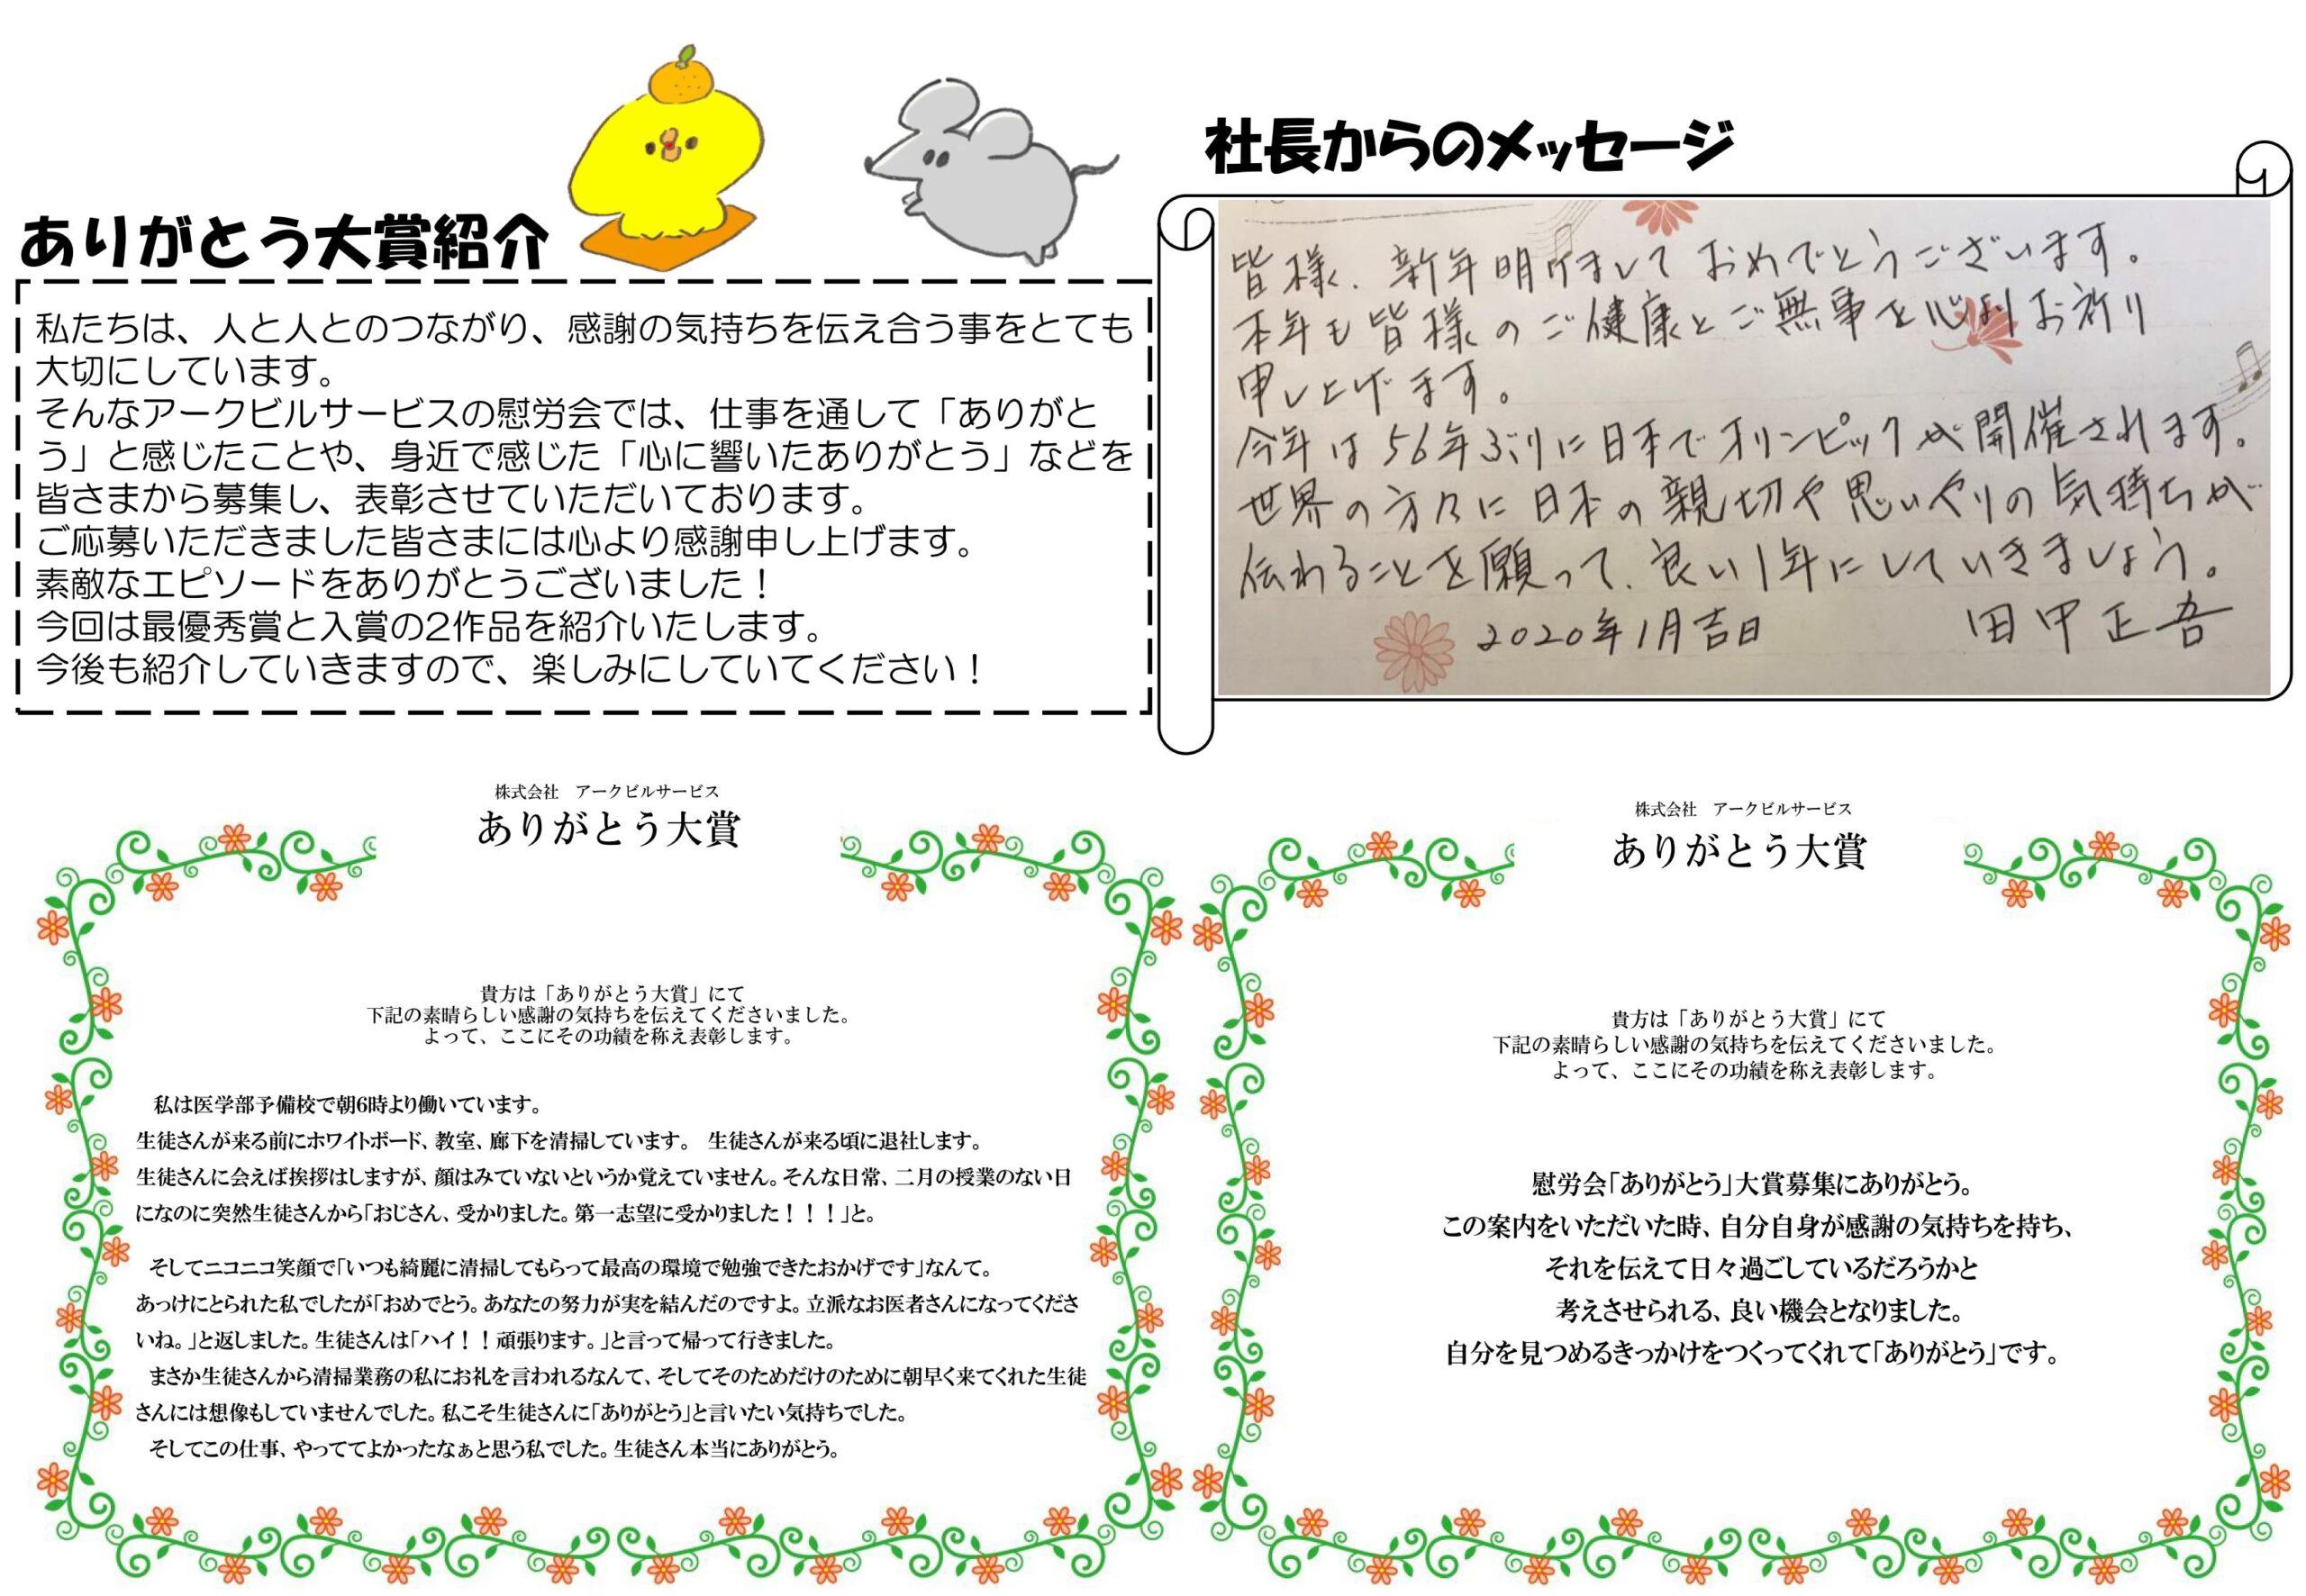 真アーク通信 2020年1月号(裏)